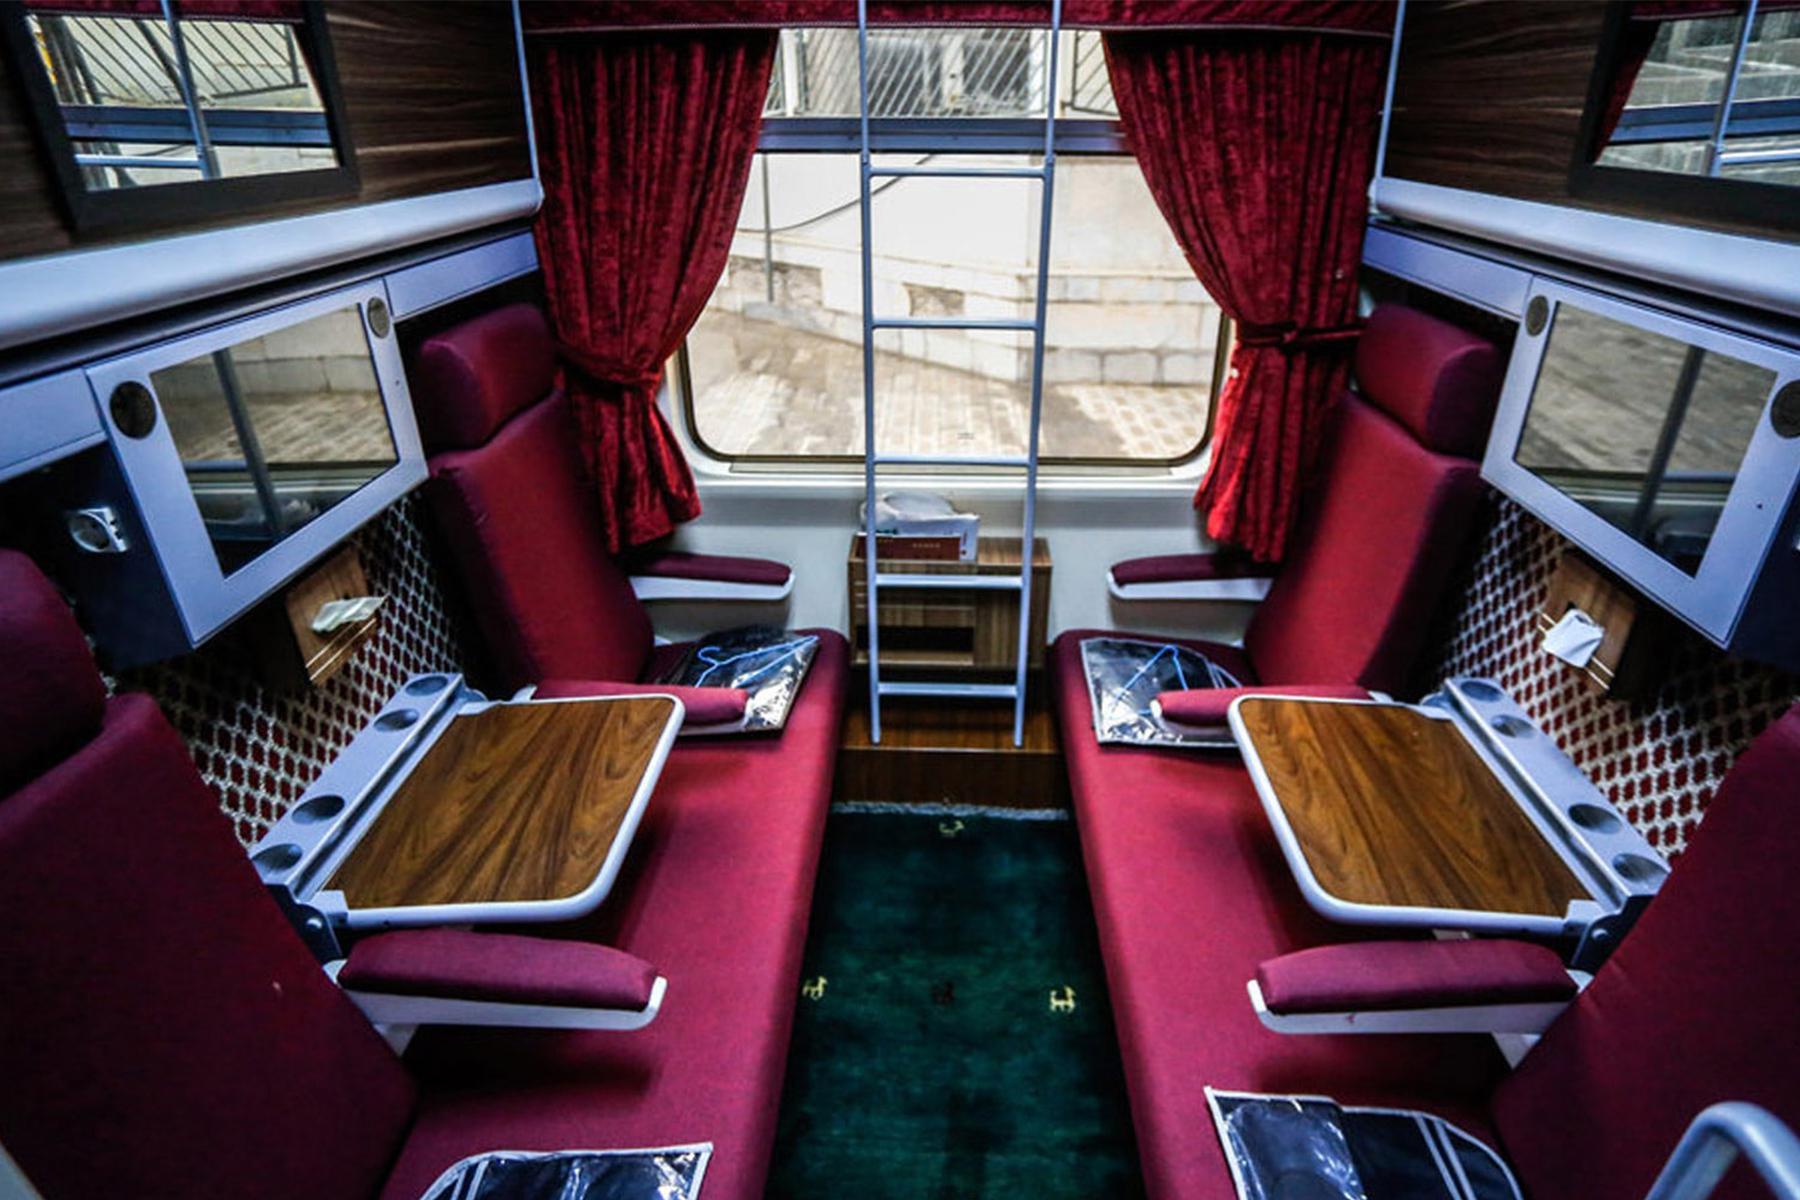 تور های لاکچری مشهد 🌟 با قطار لوکس زندگی در بهترین هتل های مشهد